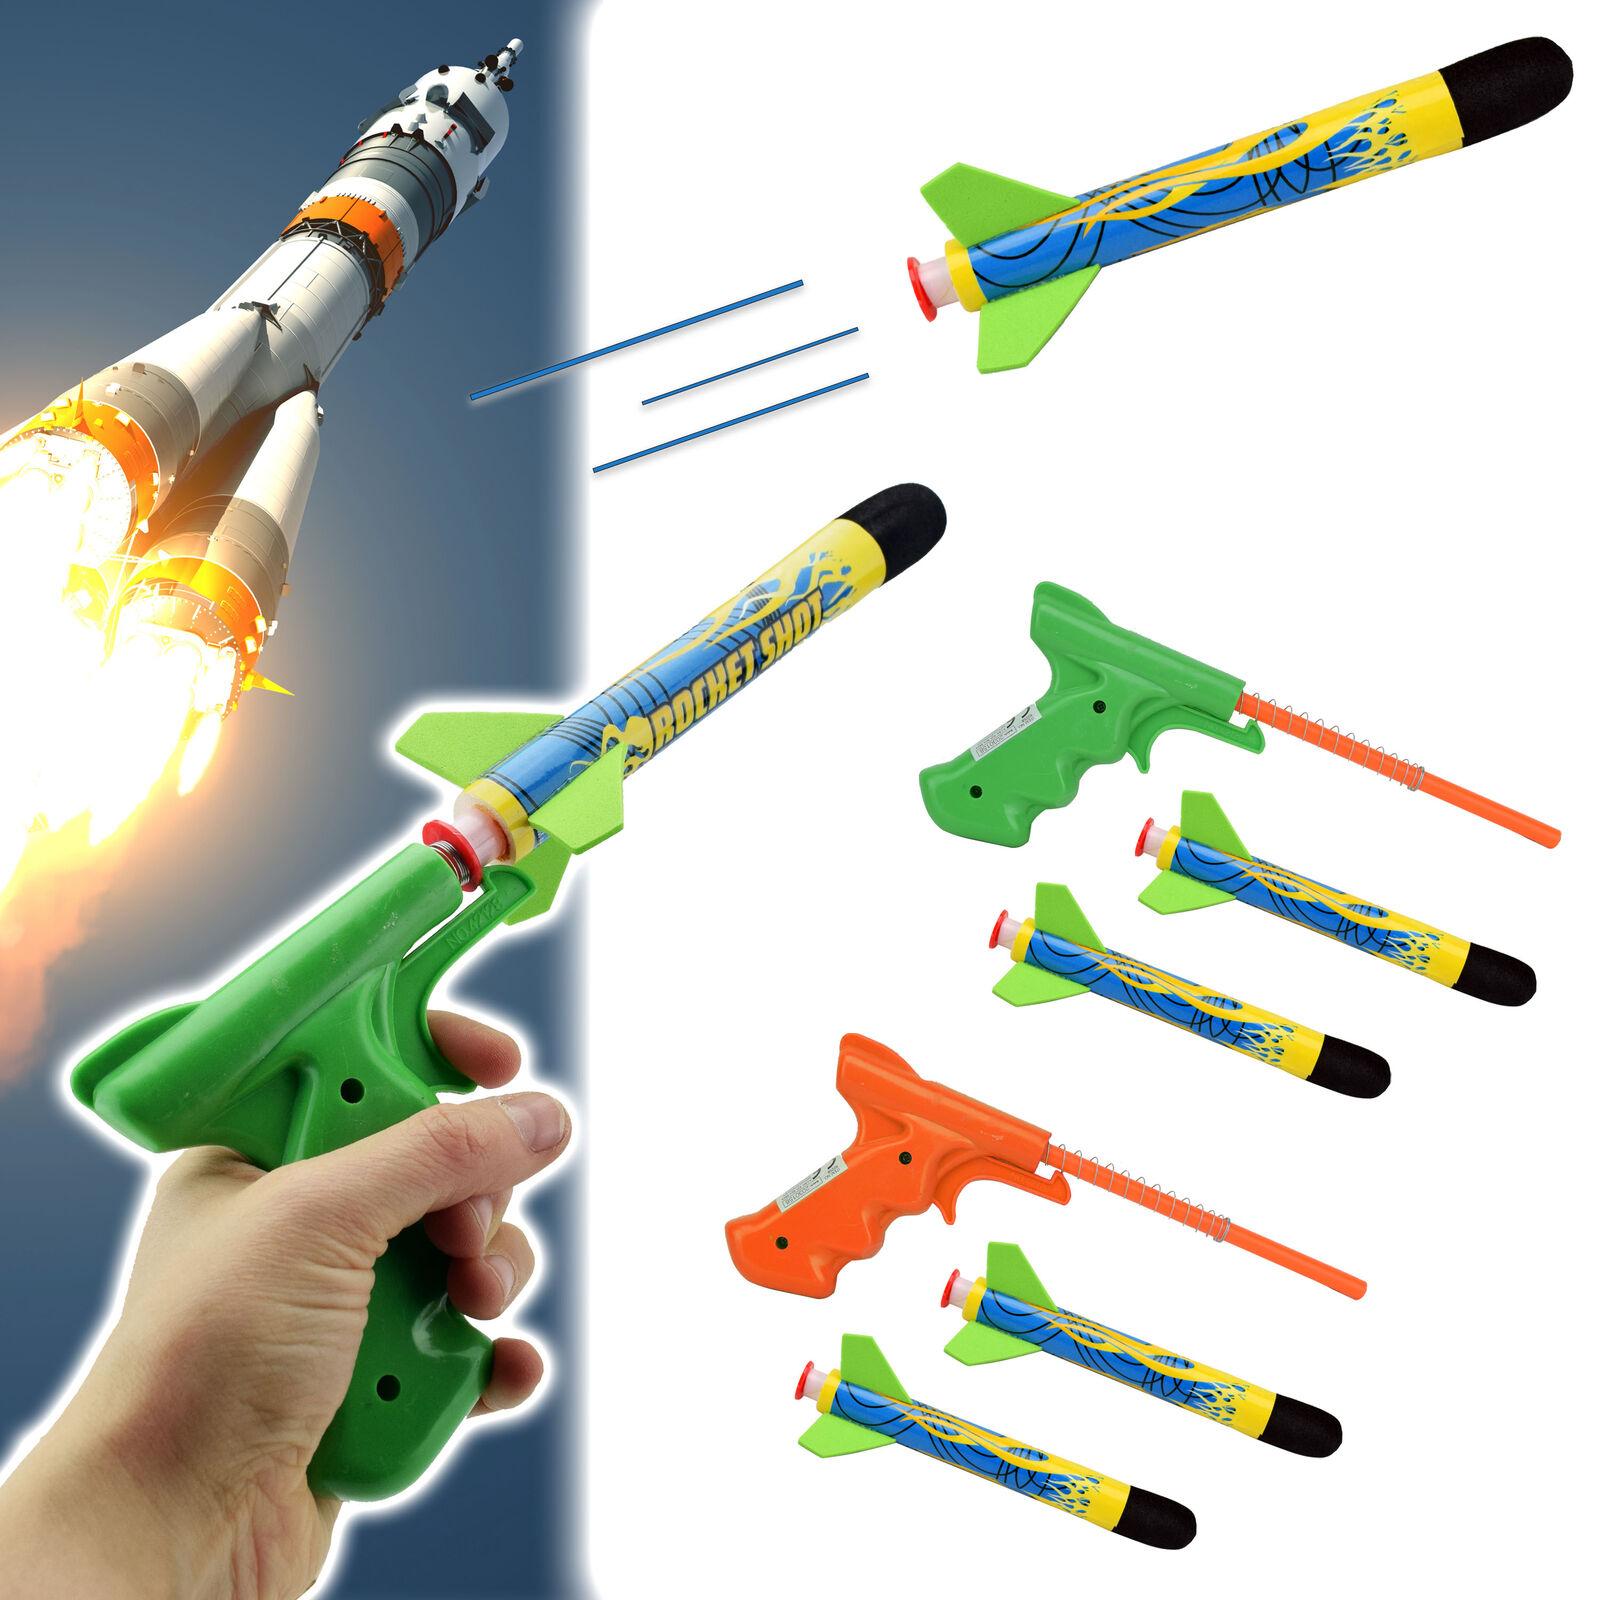 Spielzeug Rakete 2x 3 tlg Set Kinder Spielzeugrakete Raketen Abschießer Spiel